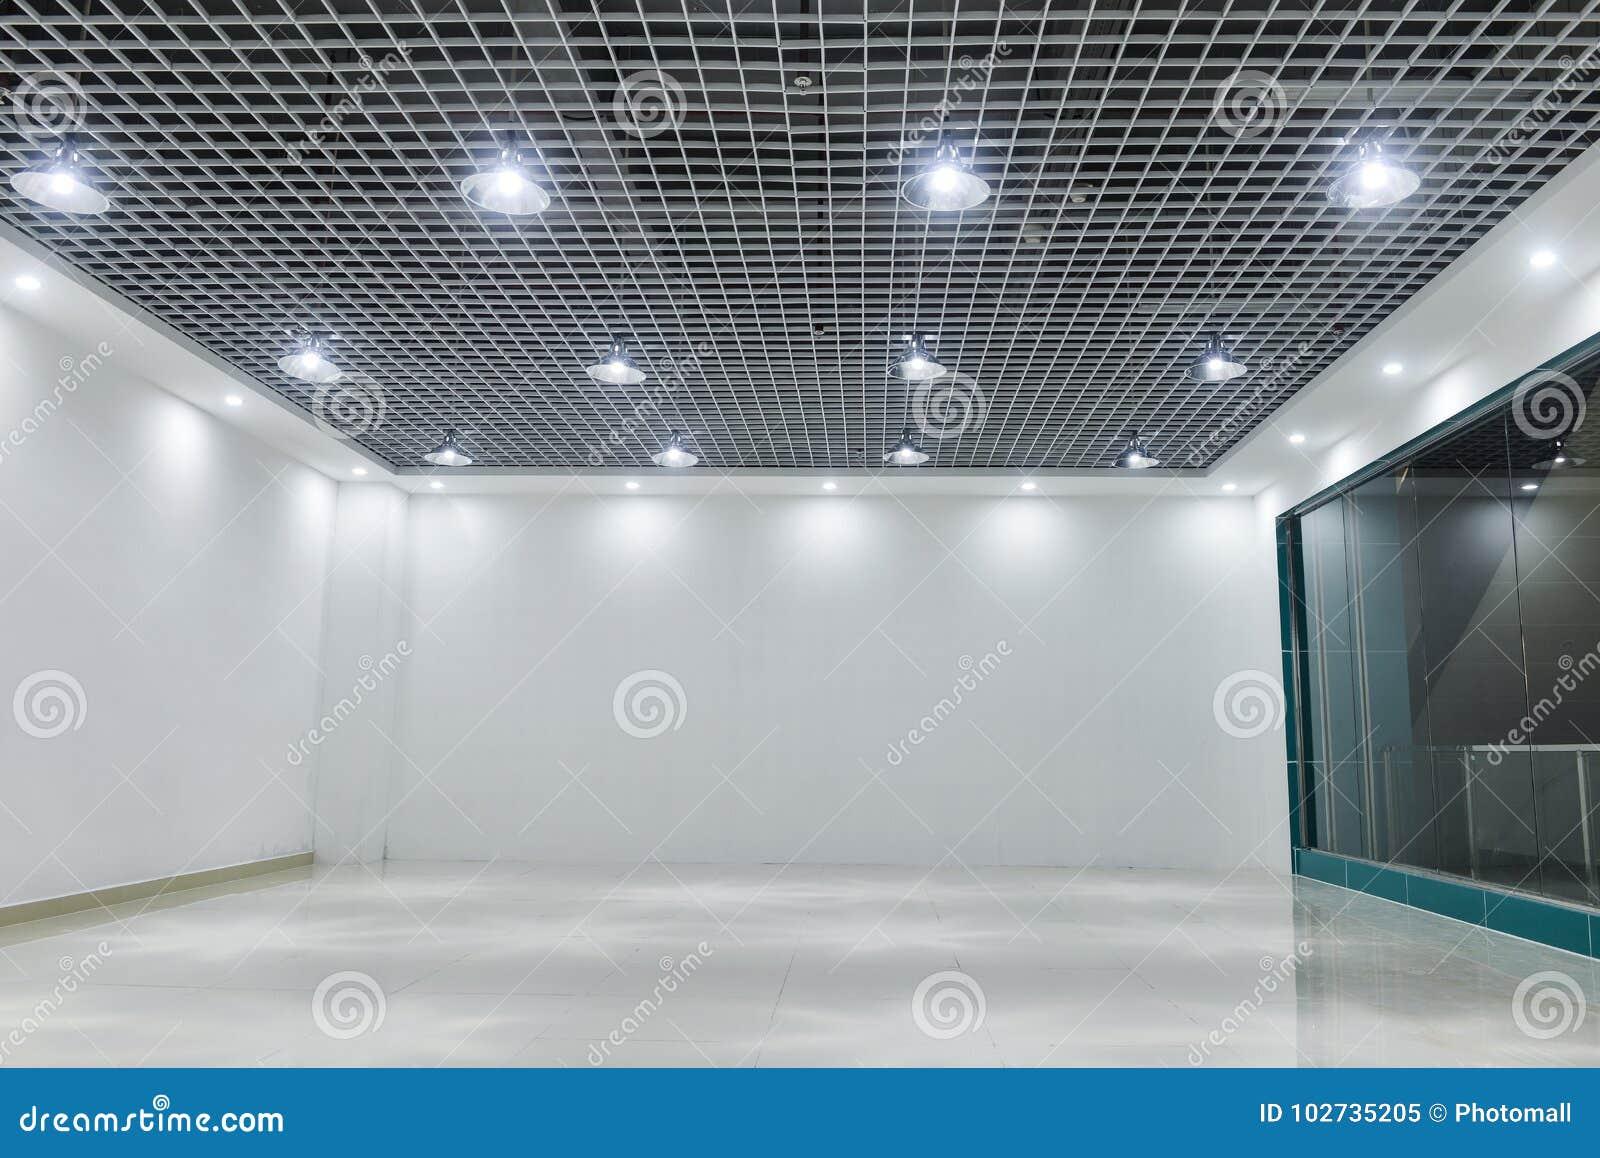 Plafoniere Moderni Cucina : Plafoniere principali sul soffitto commerciale moderno della